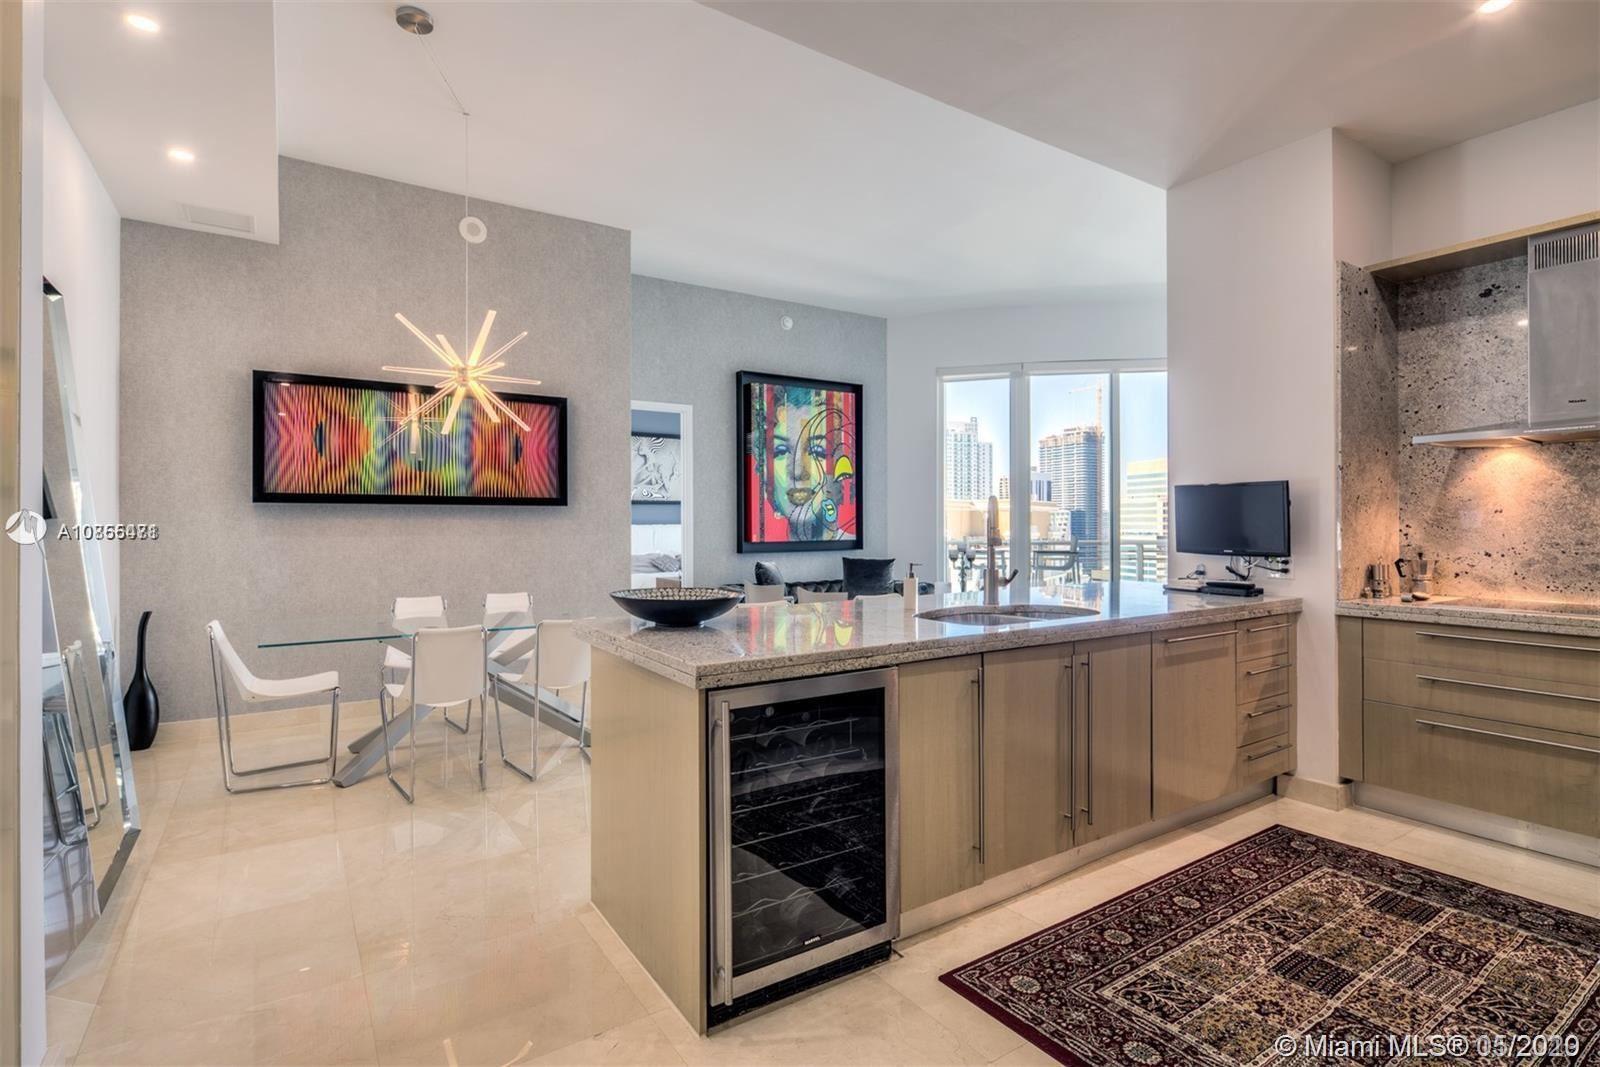 Photo of 900 Brickell Key Blvd #2805, Miami, FL 33131 (MLS # A10855471)